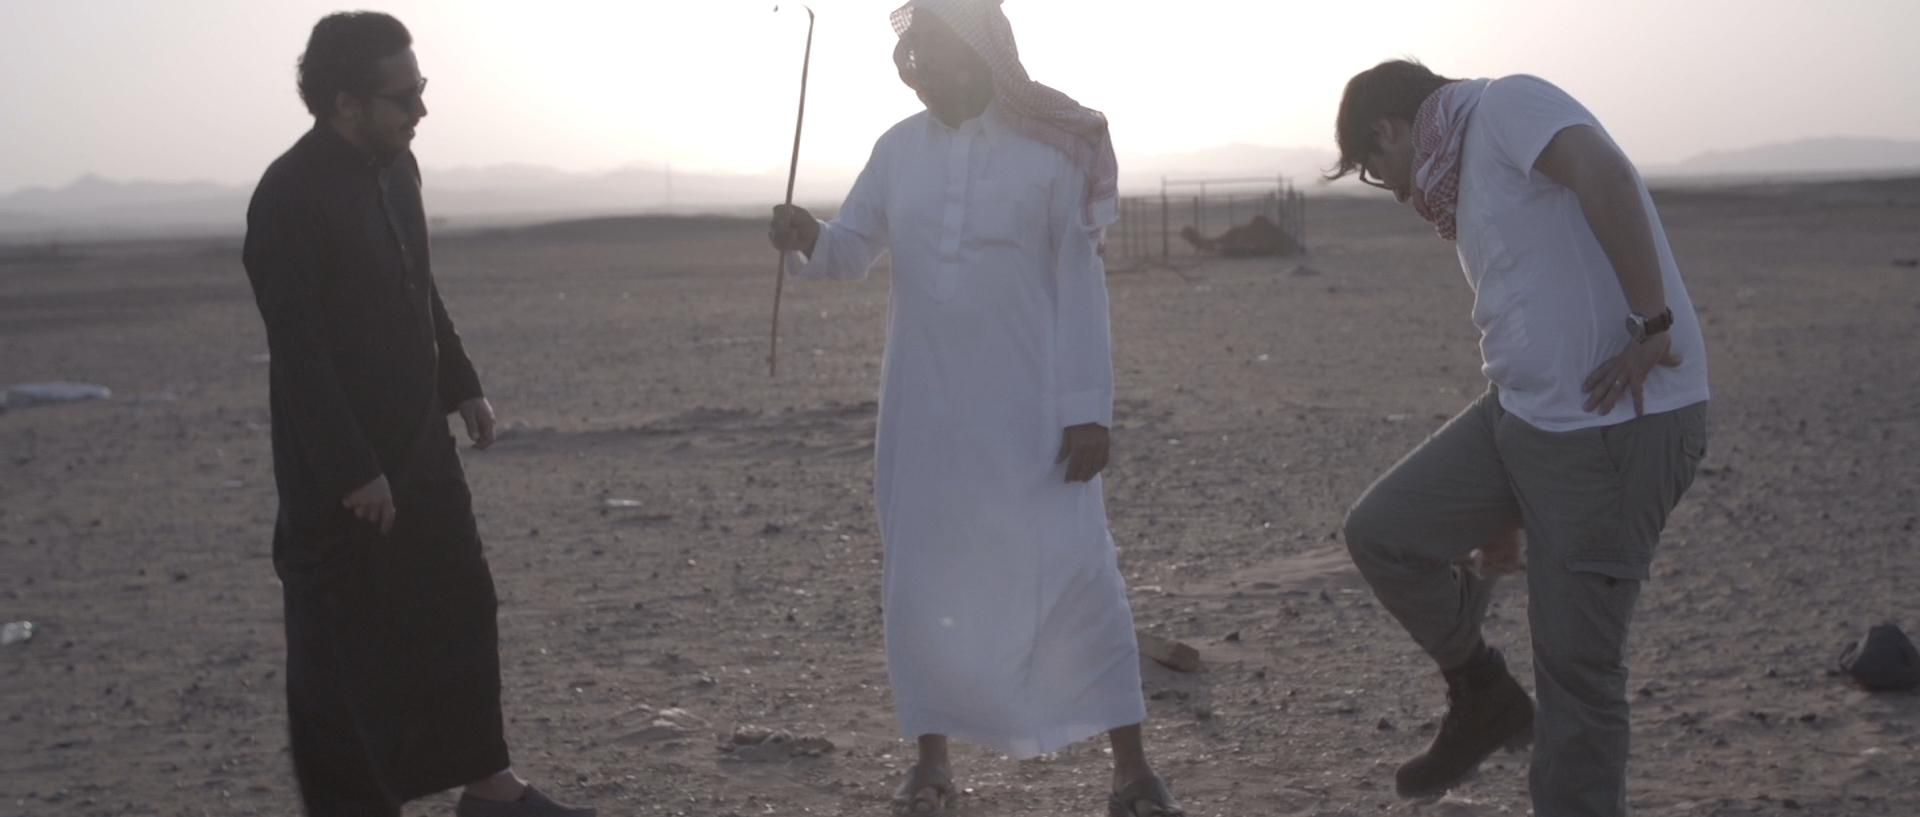 Sara al arab land rover_1.47.1.jpg